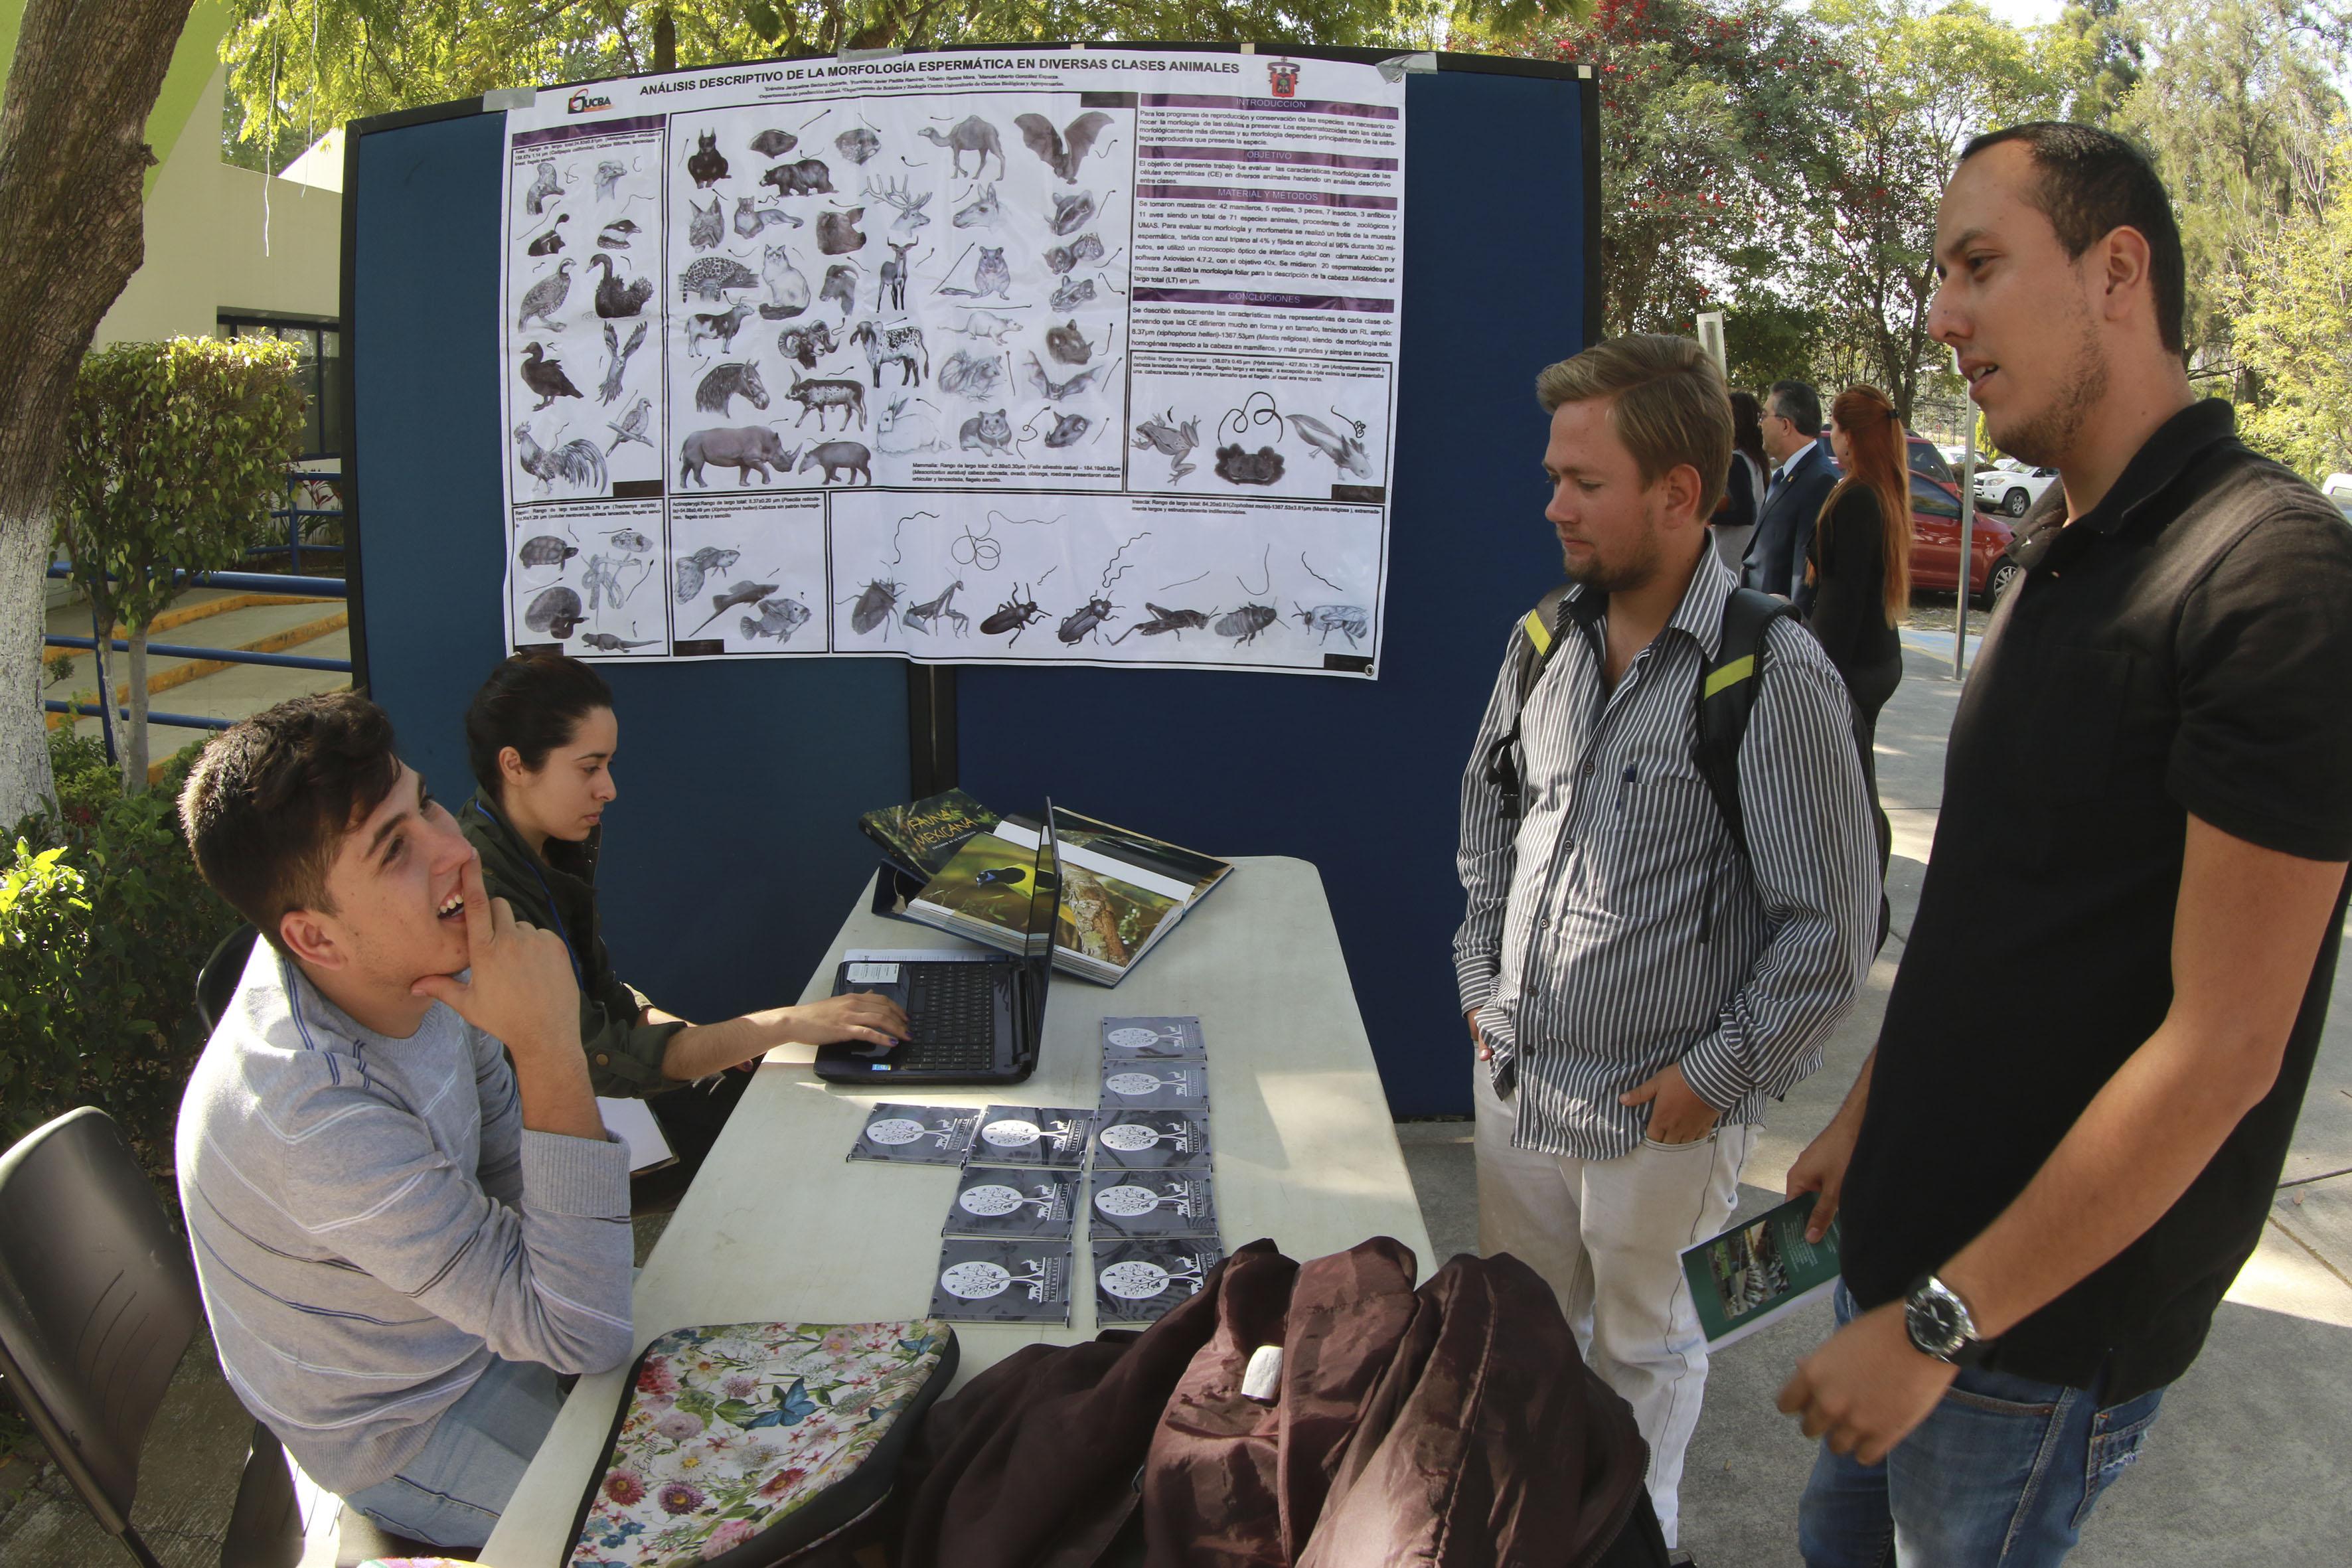 Alumnos del CUCBA exhibiendo su investigación sobre el análisis descriptivo sobre morfología espermática en diversos animales, a otros colegas.